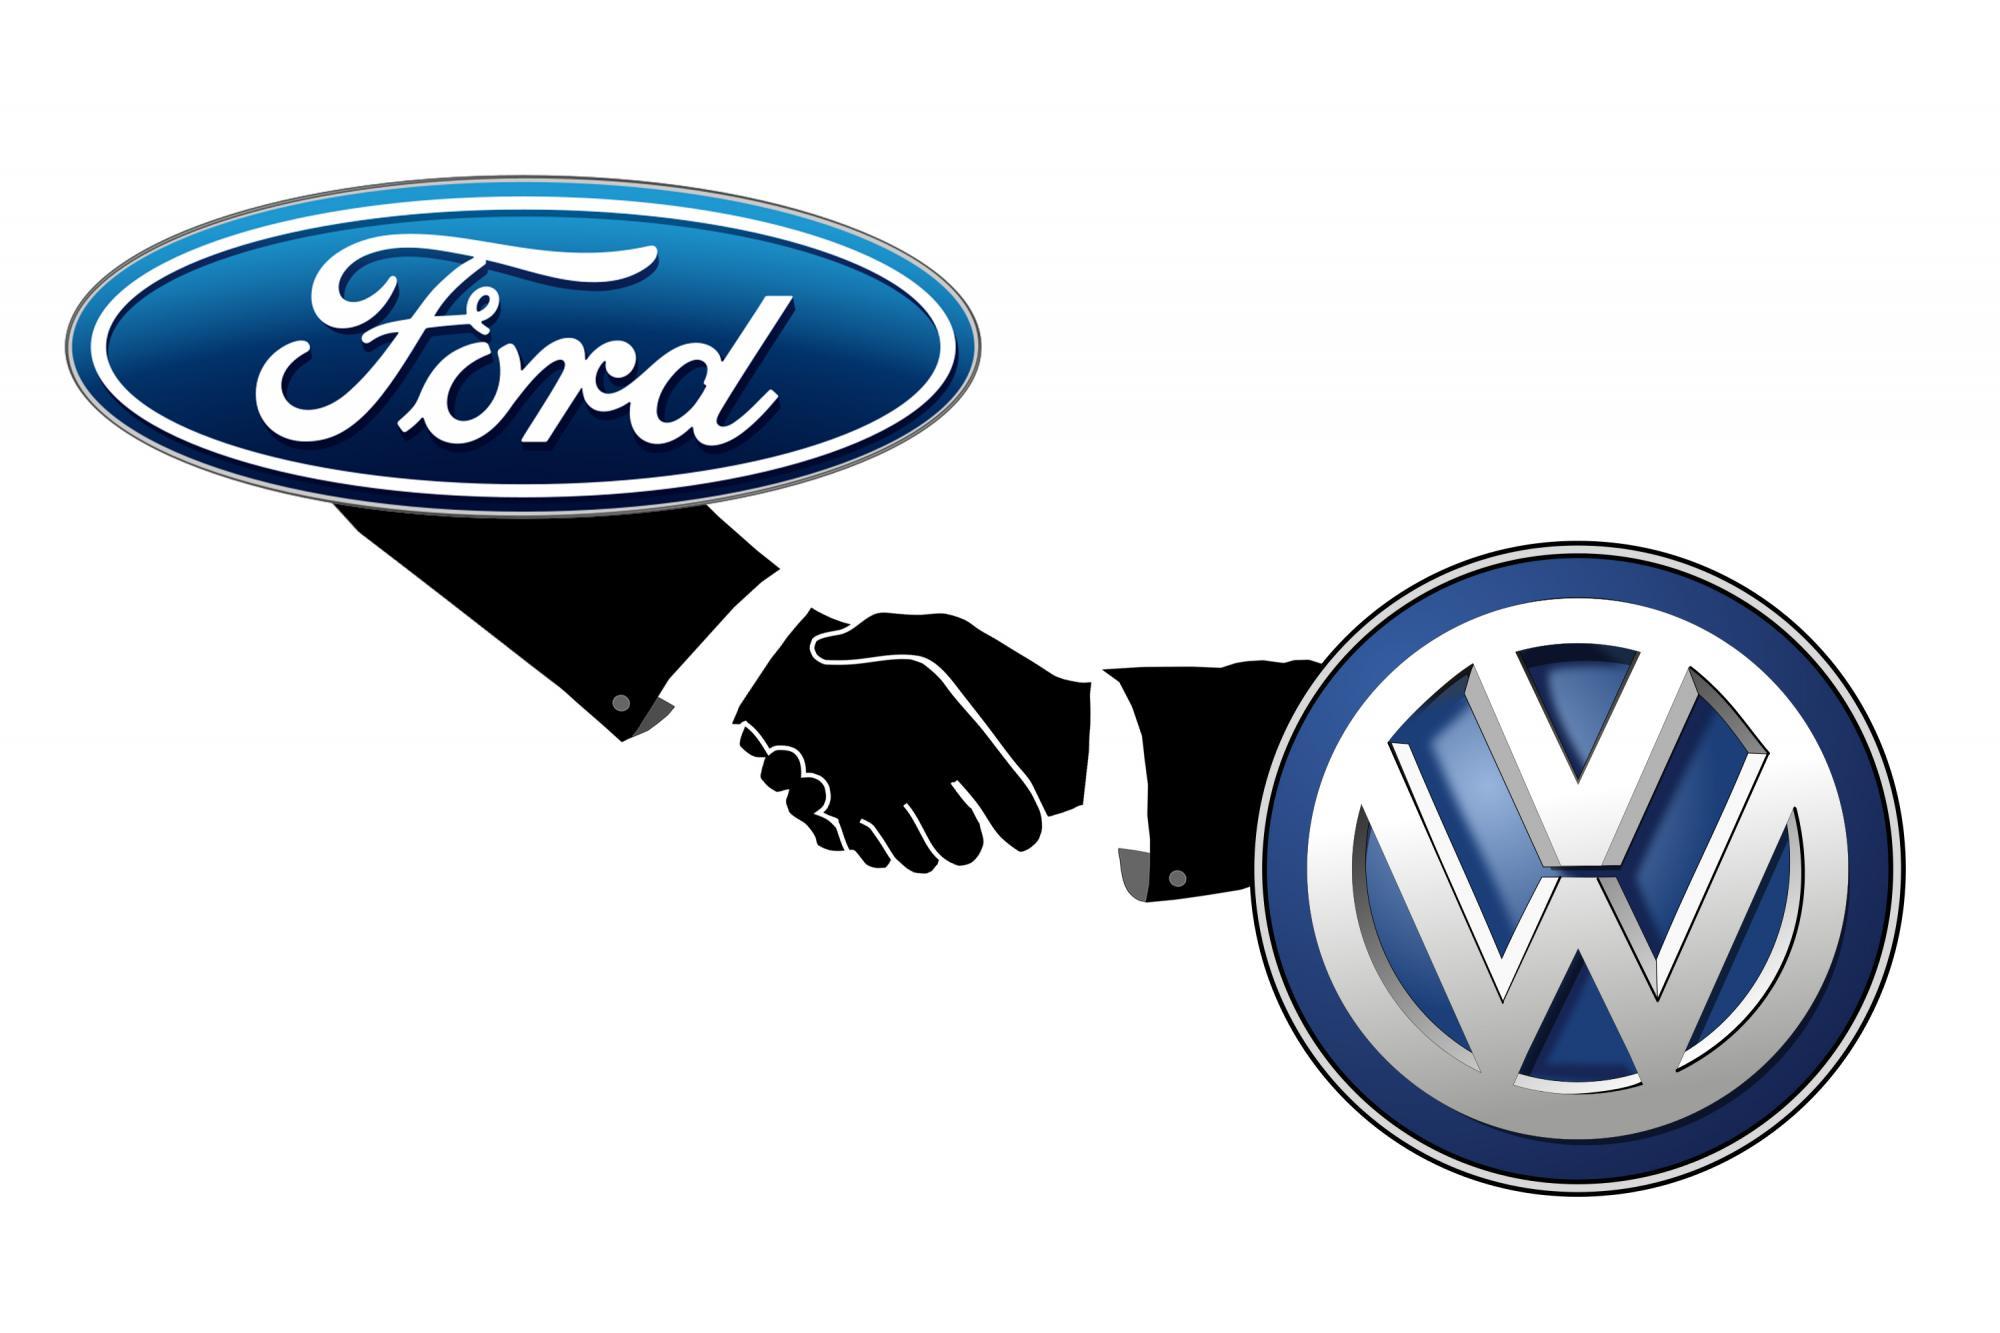 Επίσημη συνεργασία μεταξύ Ford και VW